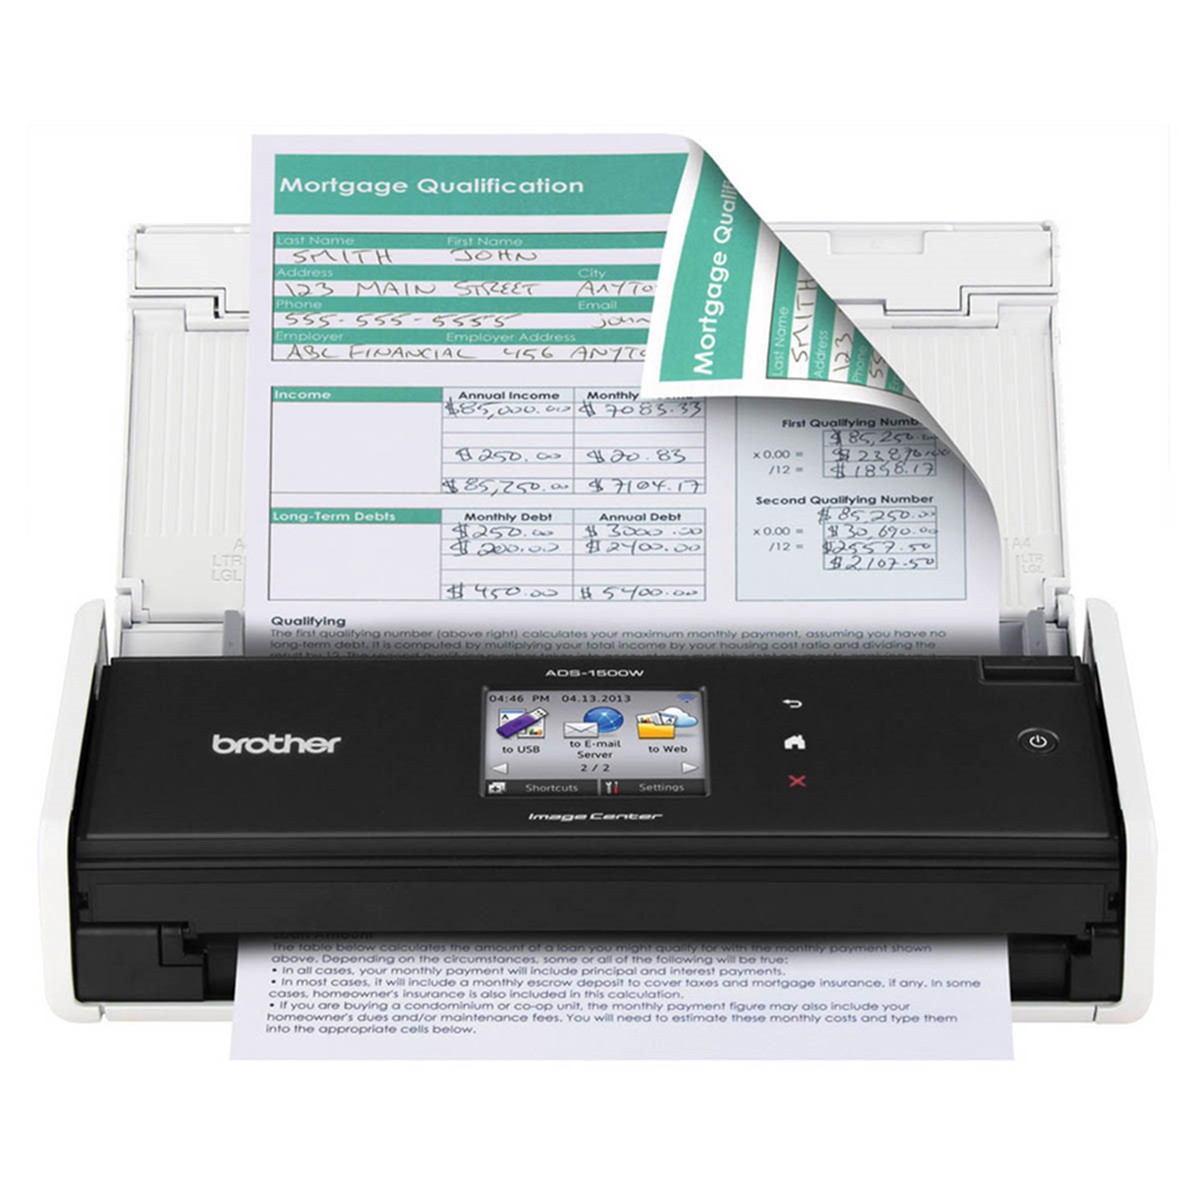 Scanner Brother imageCENTER ADS-1500W Conexão Wireless Até Tamanho A4 ADF para 20 Folhas com Duplex